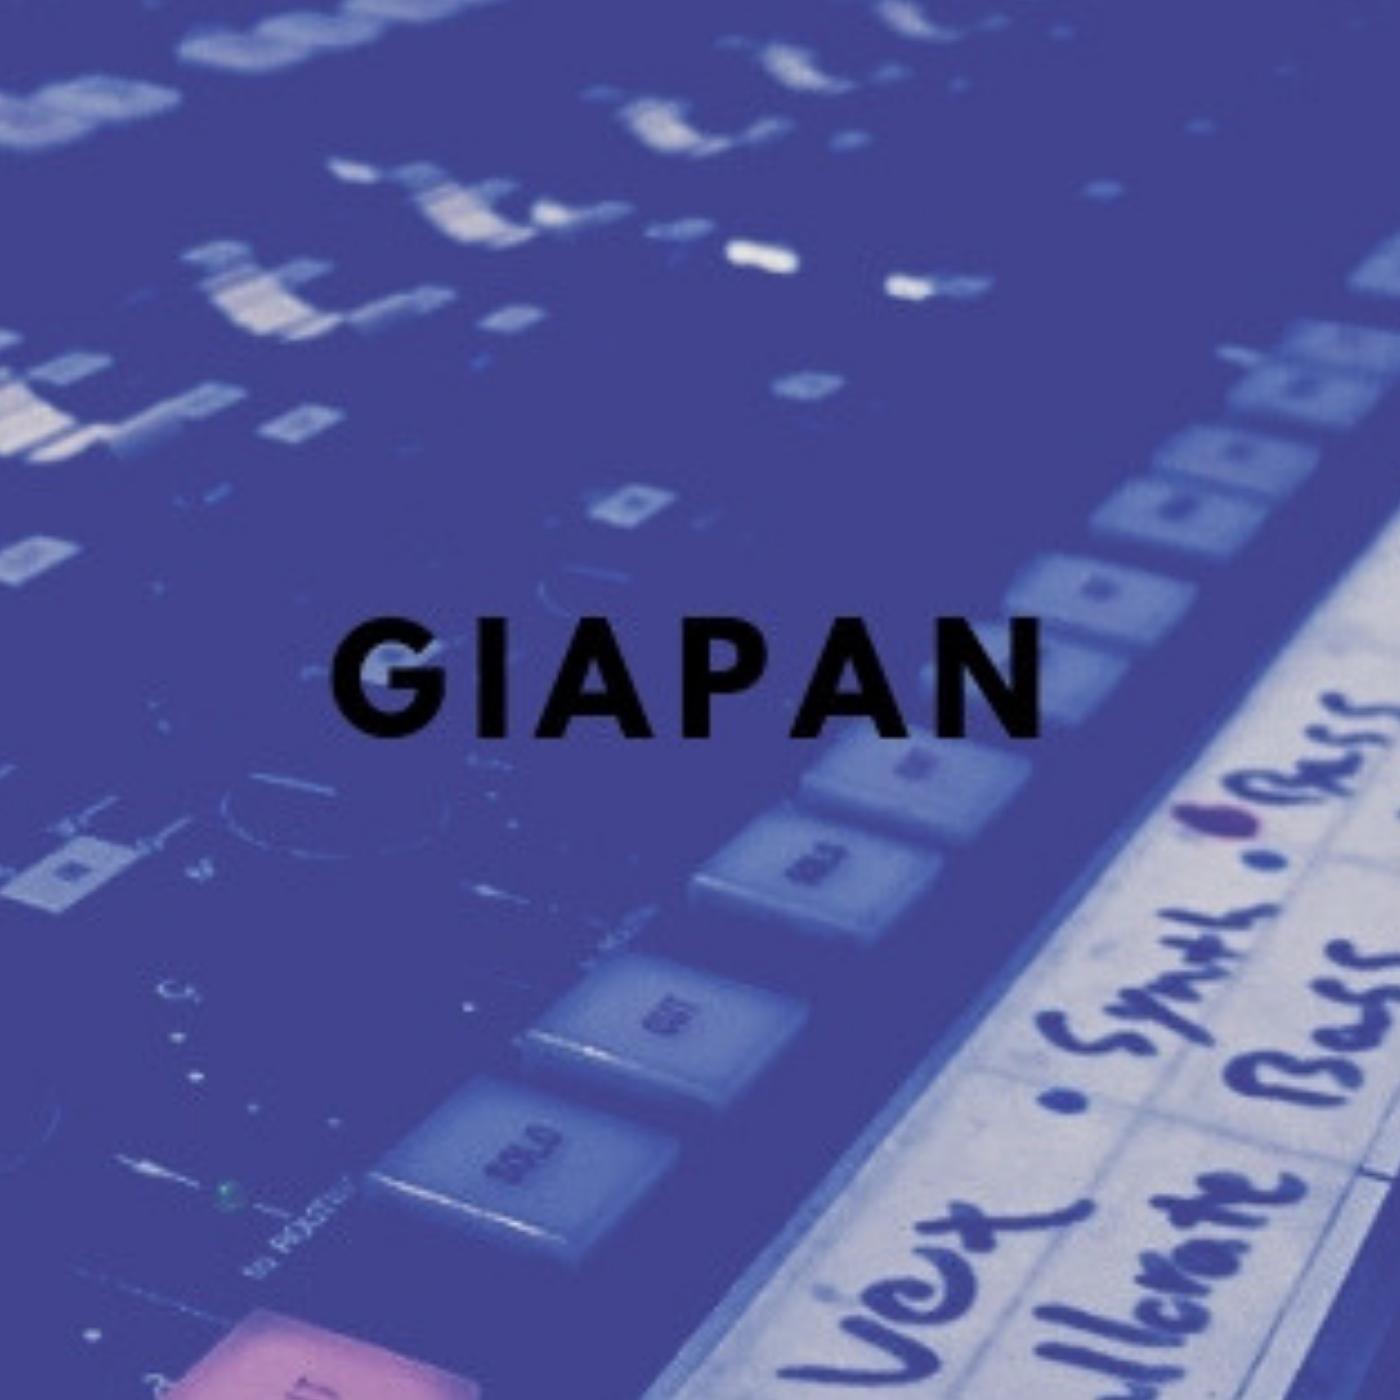 Giapan -